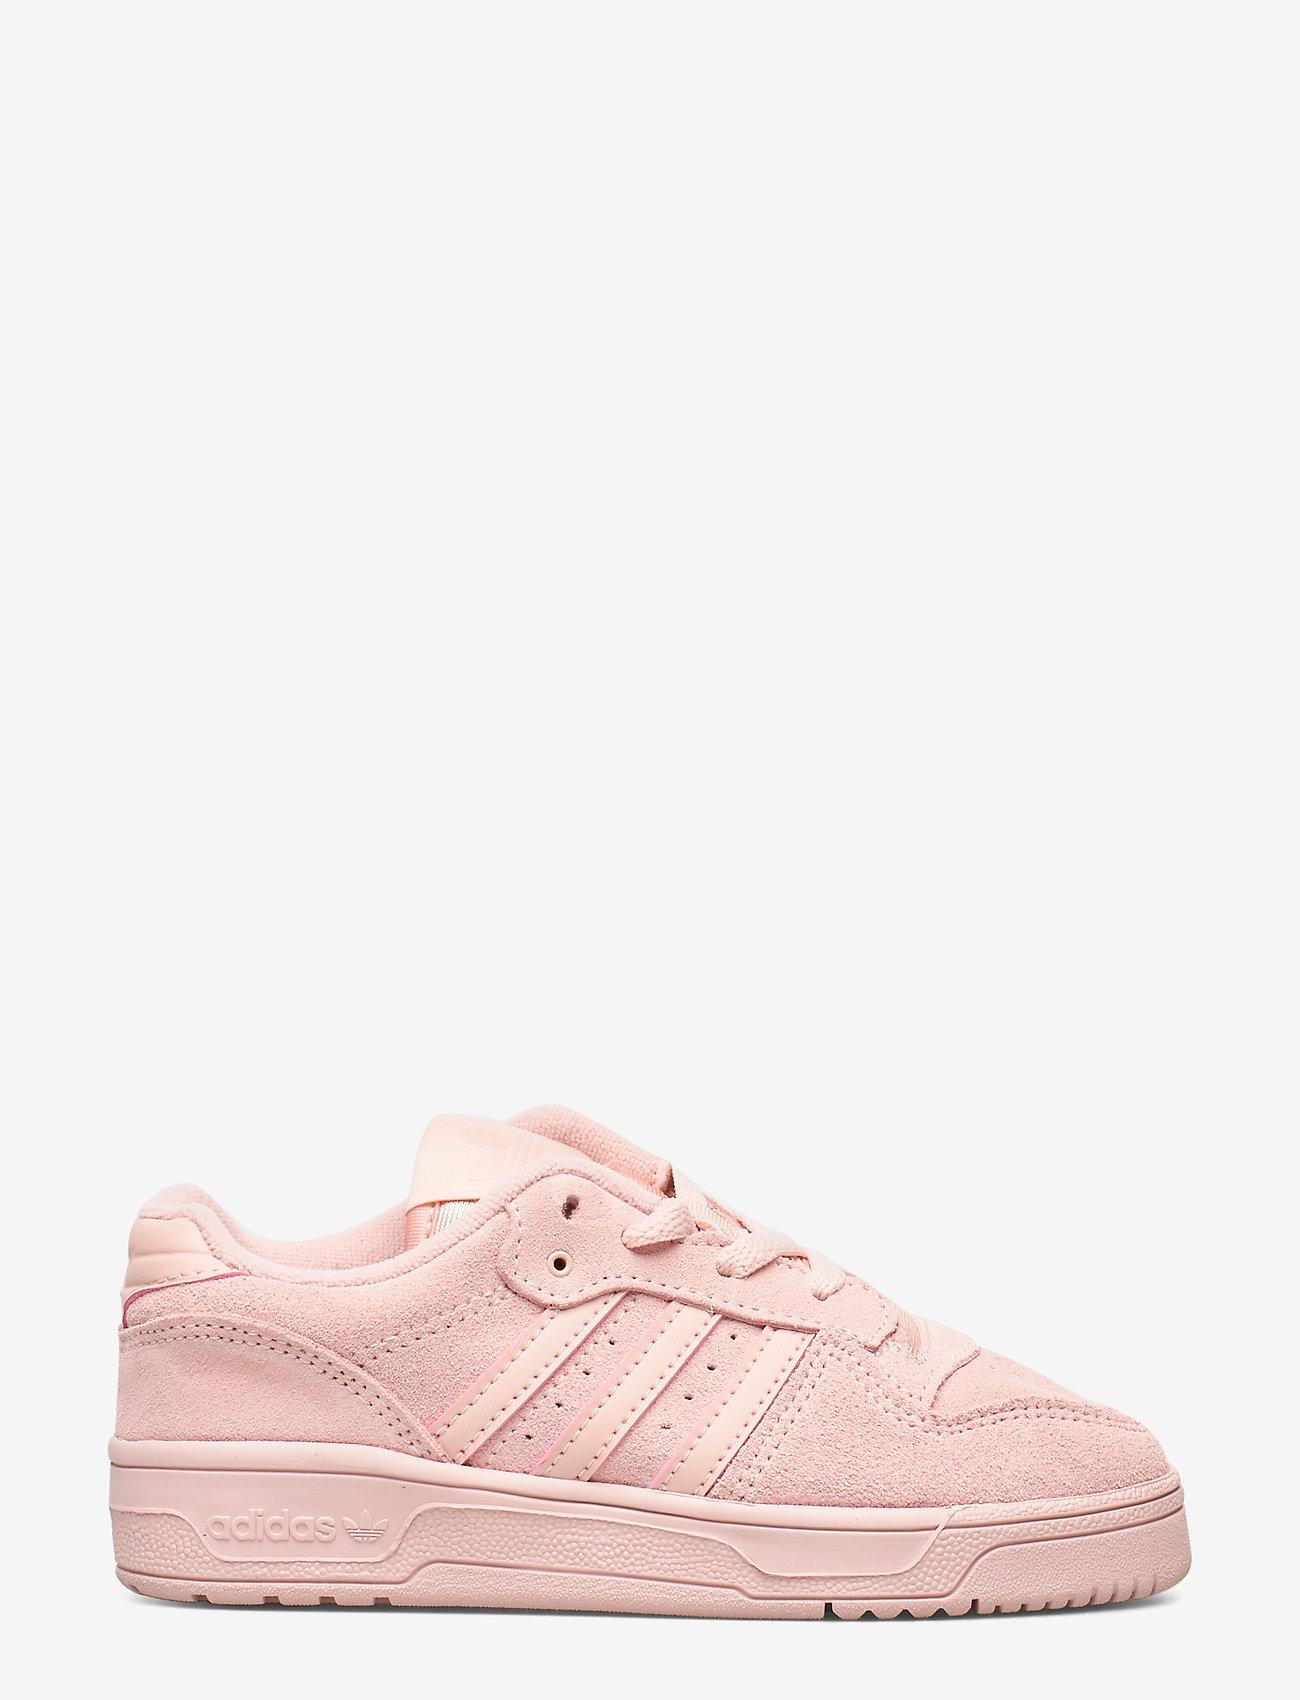 Adidas Originals Rivalry Low C - Sneakers Vappnk/vappnk/ftwwht